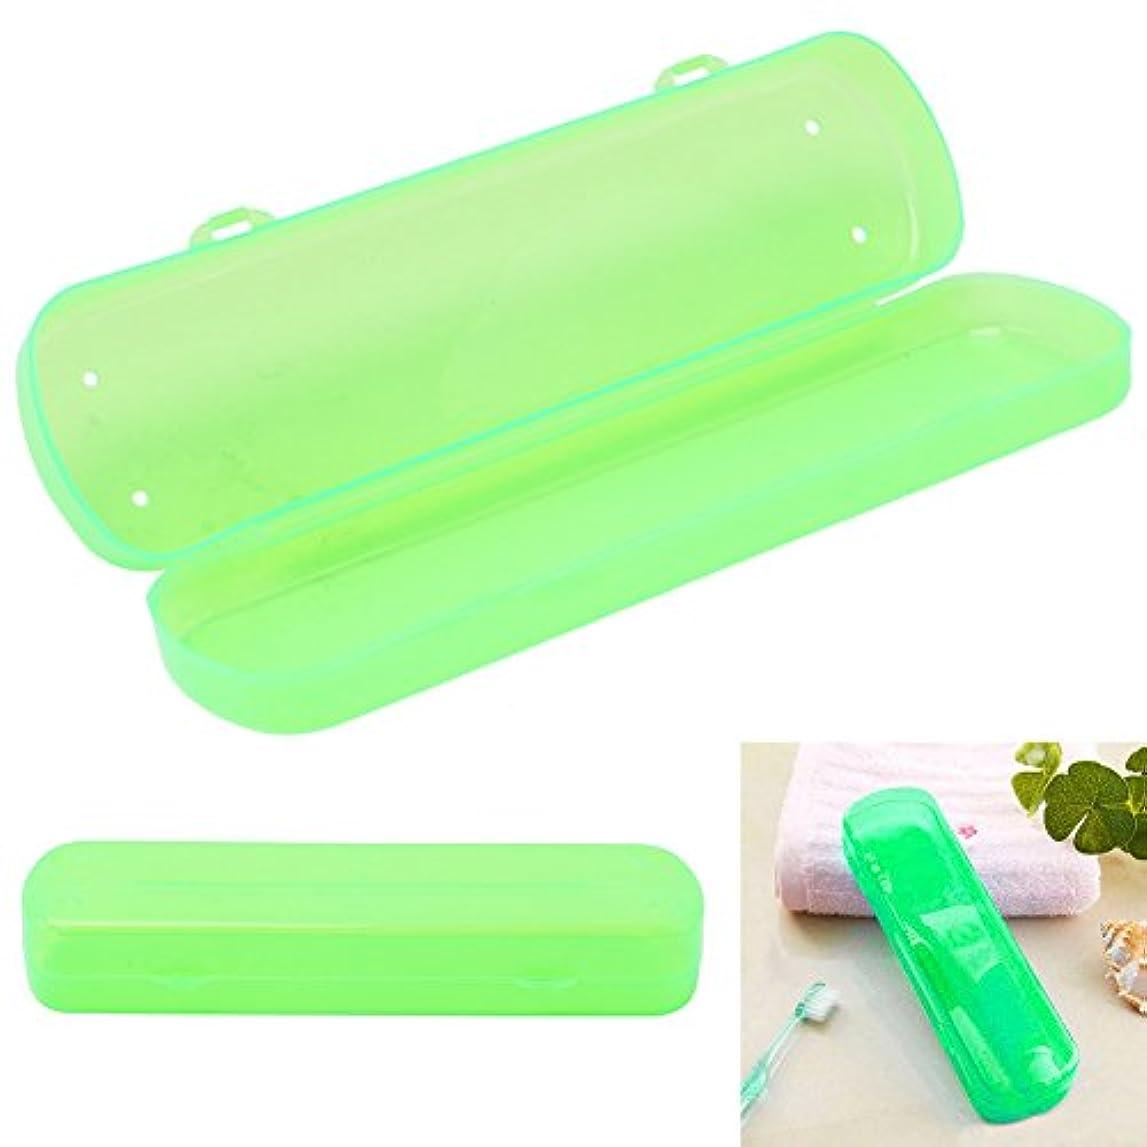 証明コンピューターゲームをプレイする編集者Merssavo プラスチック製歯ブラシケース/旅行用ホルダー(グリーン)